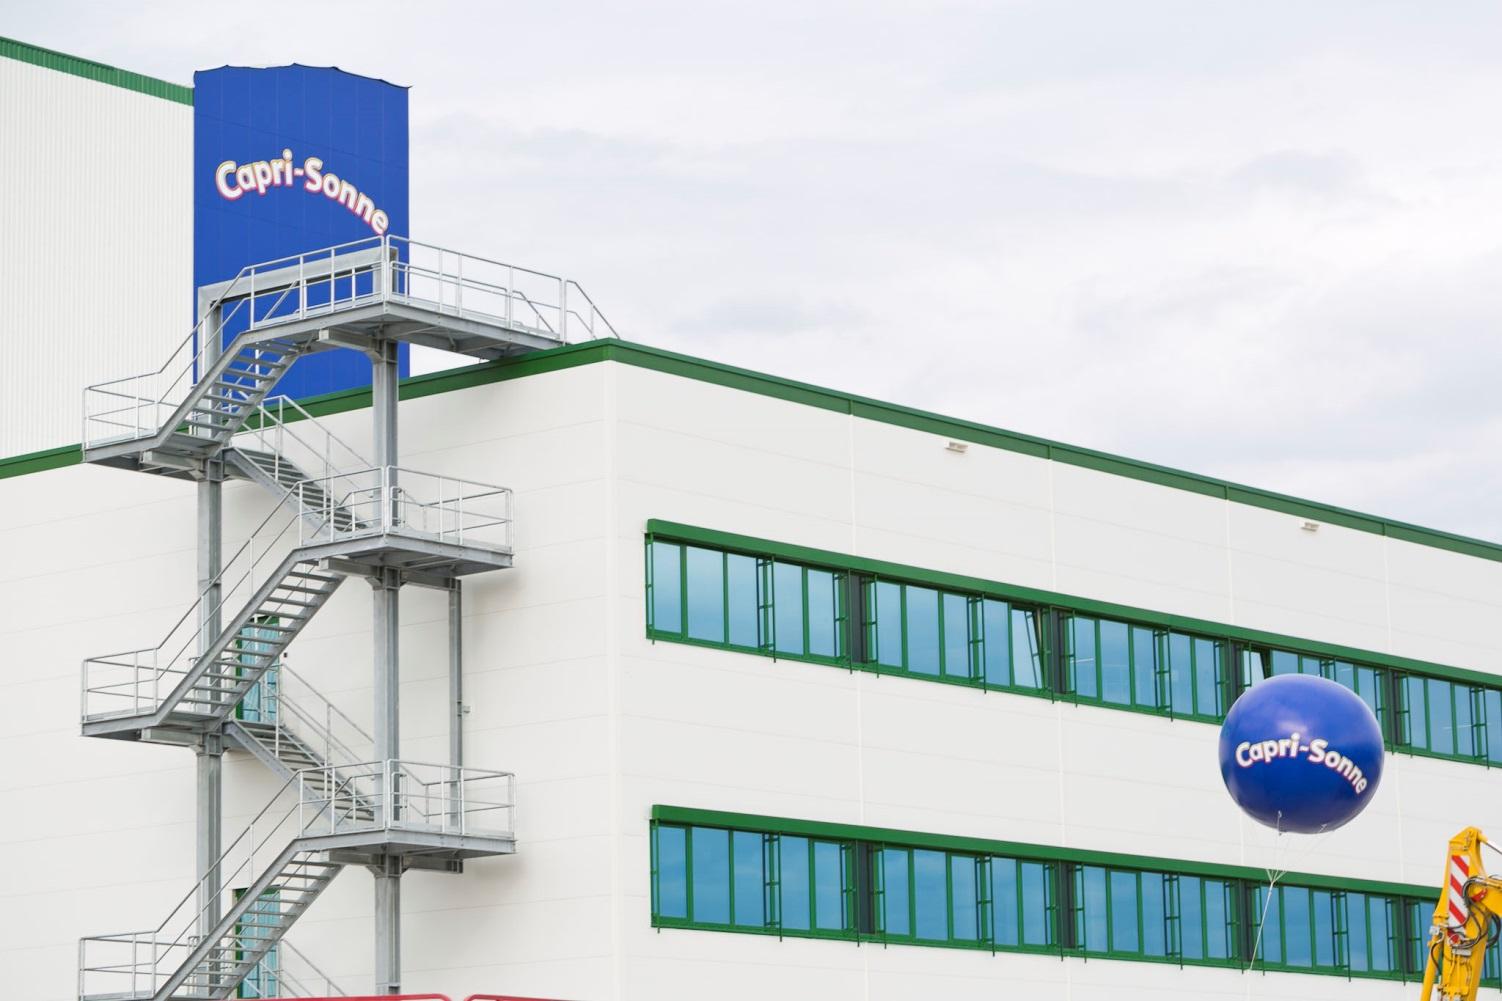 Wild Eppelheim - Internationaler Konzern und Mutterfirma der Capri-Sun AG rüstet auf